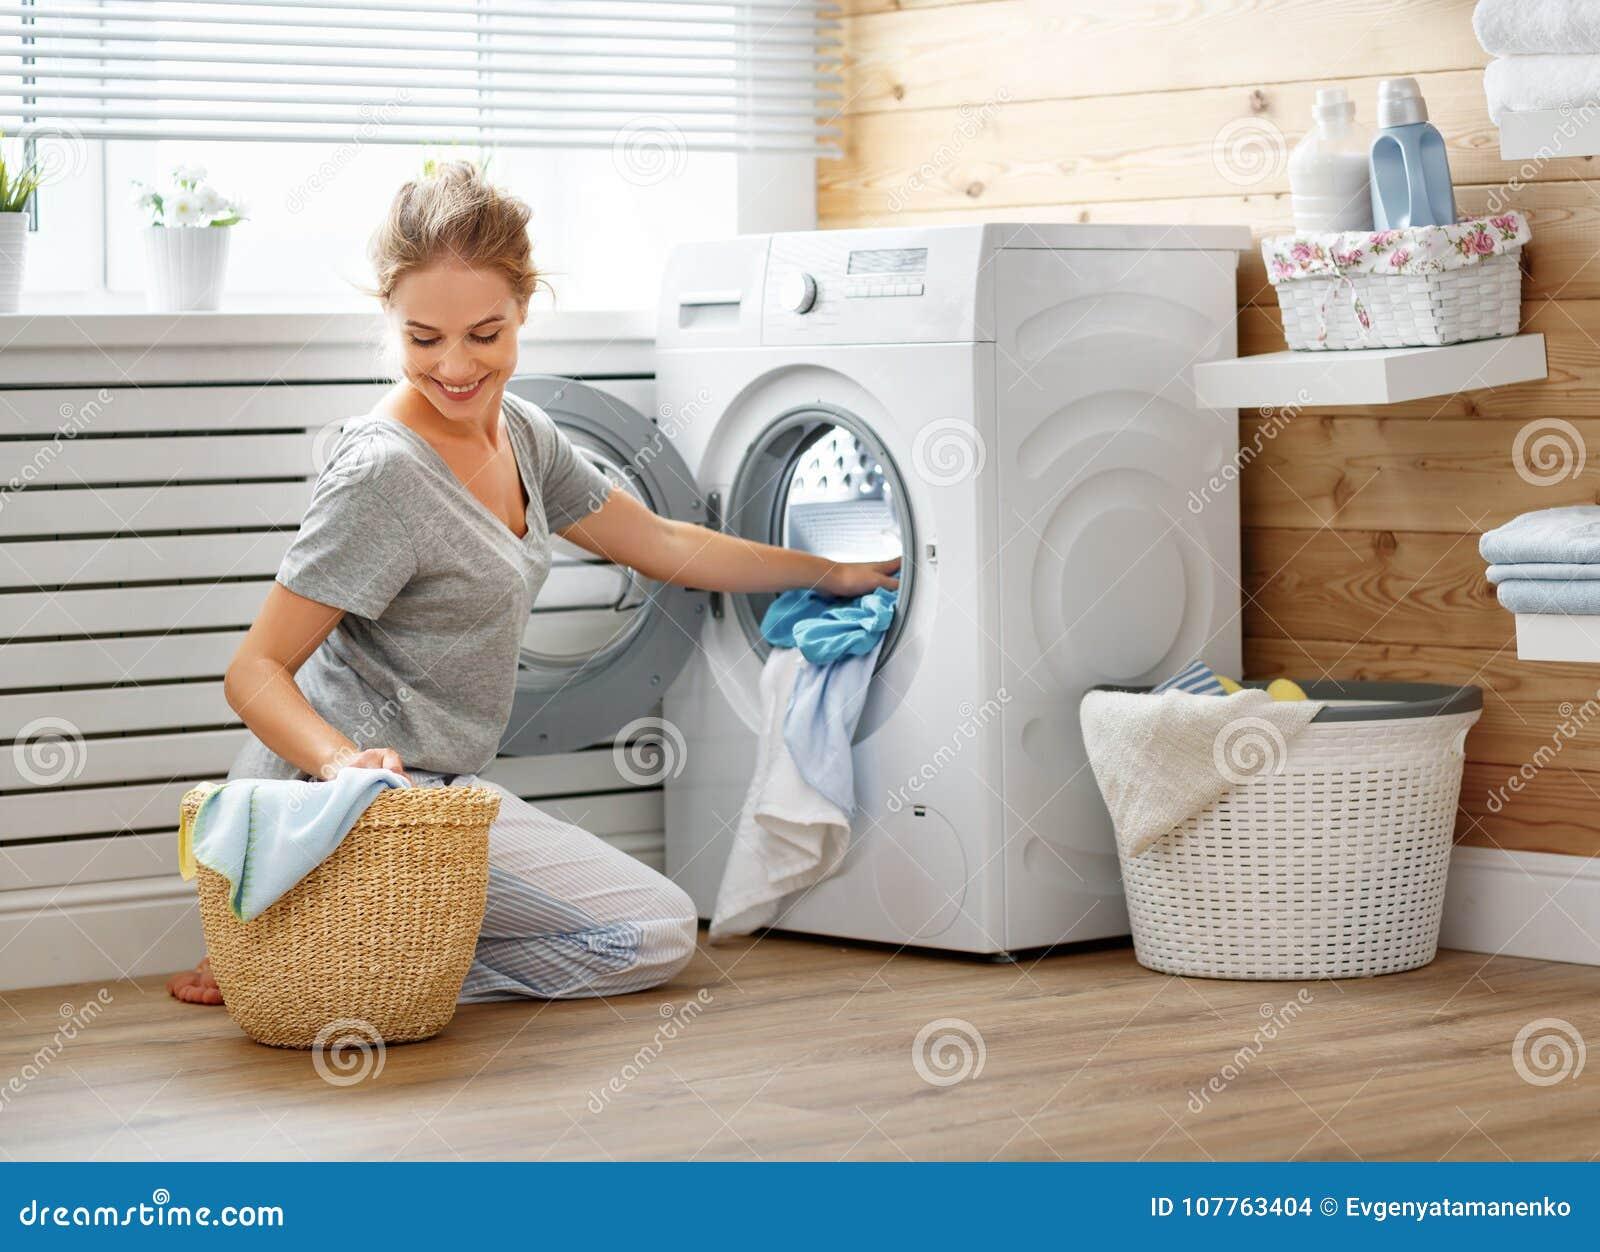 Gelukkige huisvrouwenvrouw in wasserijruimte met wasmachine